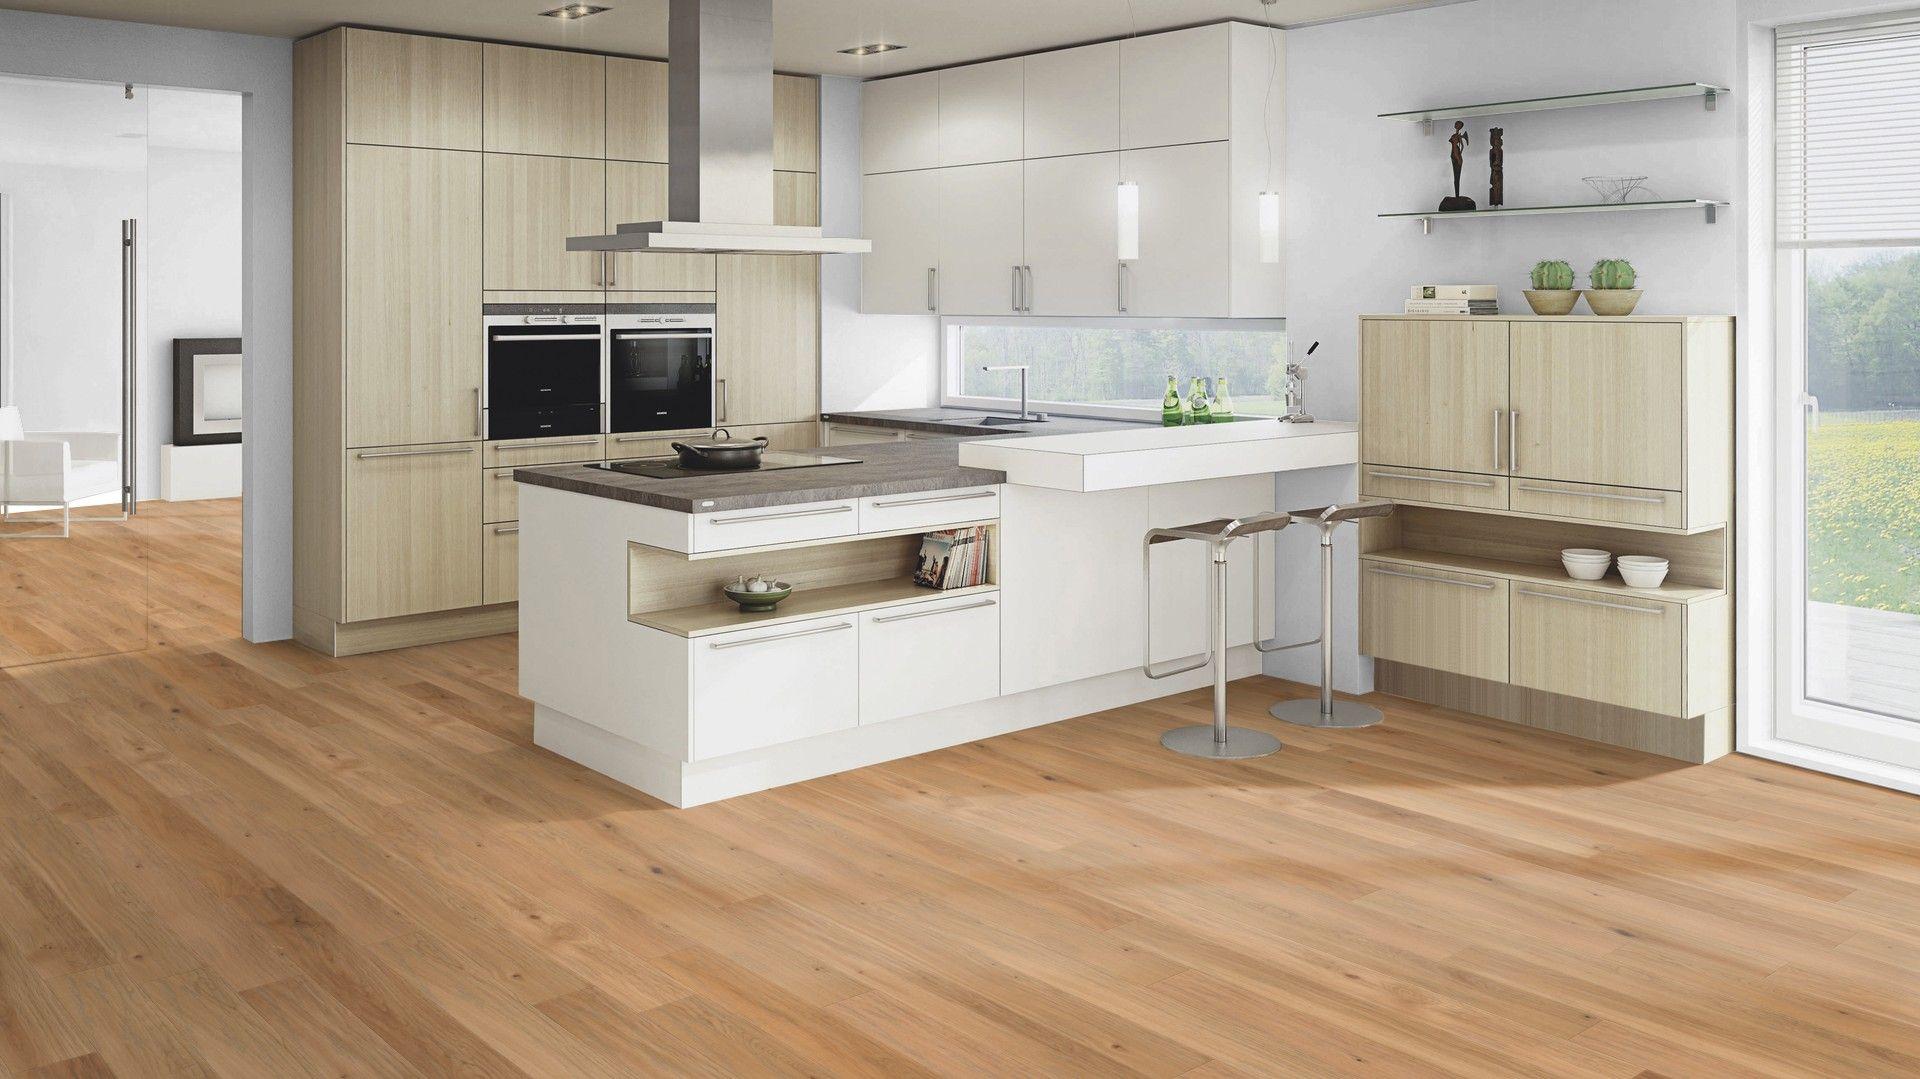 Design Ilot De Cuisine Fabrication 32 Ilot Central Cuisinella Ilot Construire Ilot